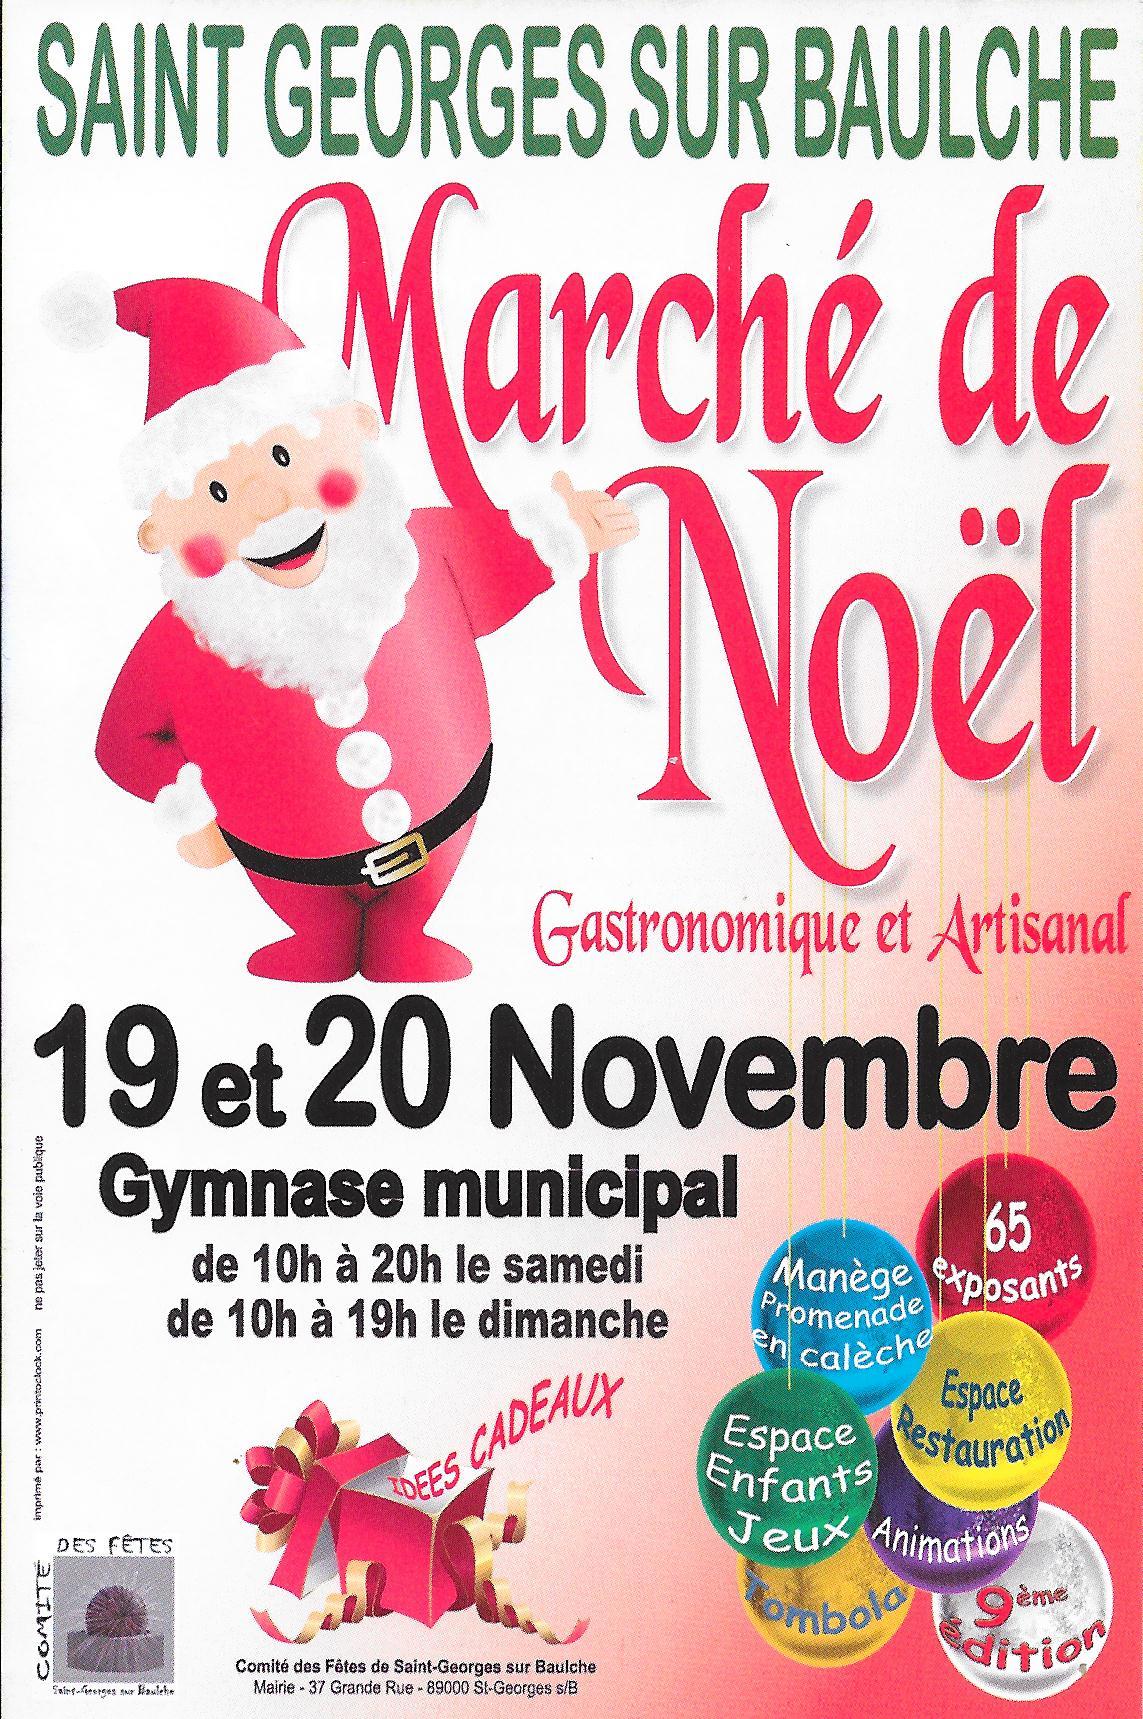 Affiche du marché de Noël de St Georges sur Baulches